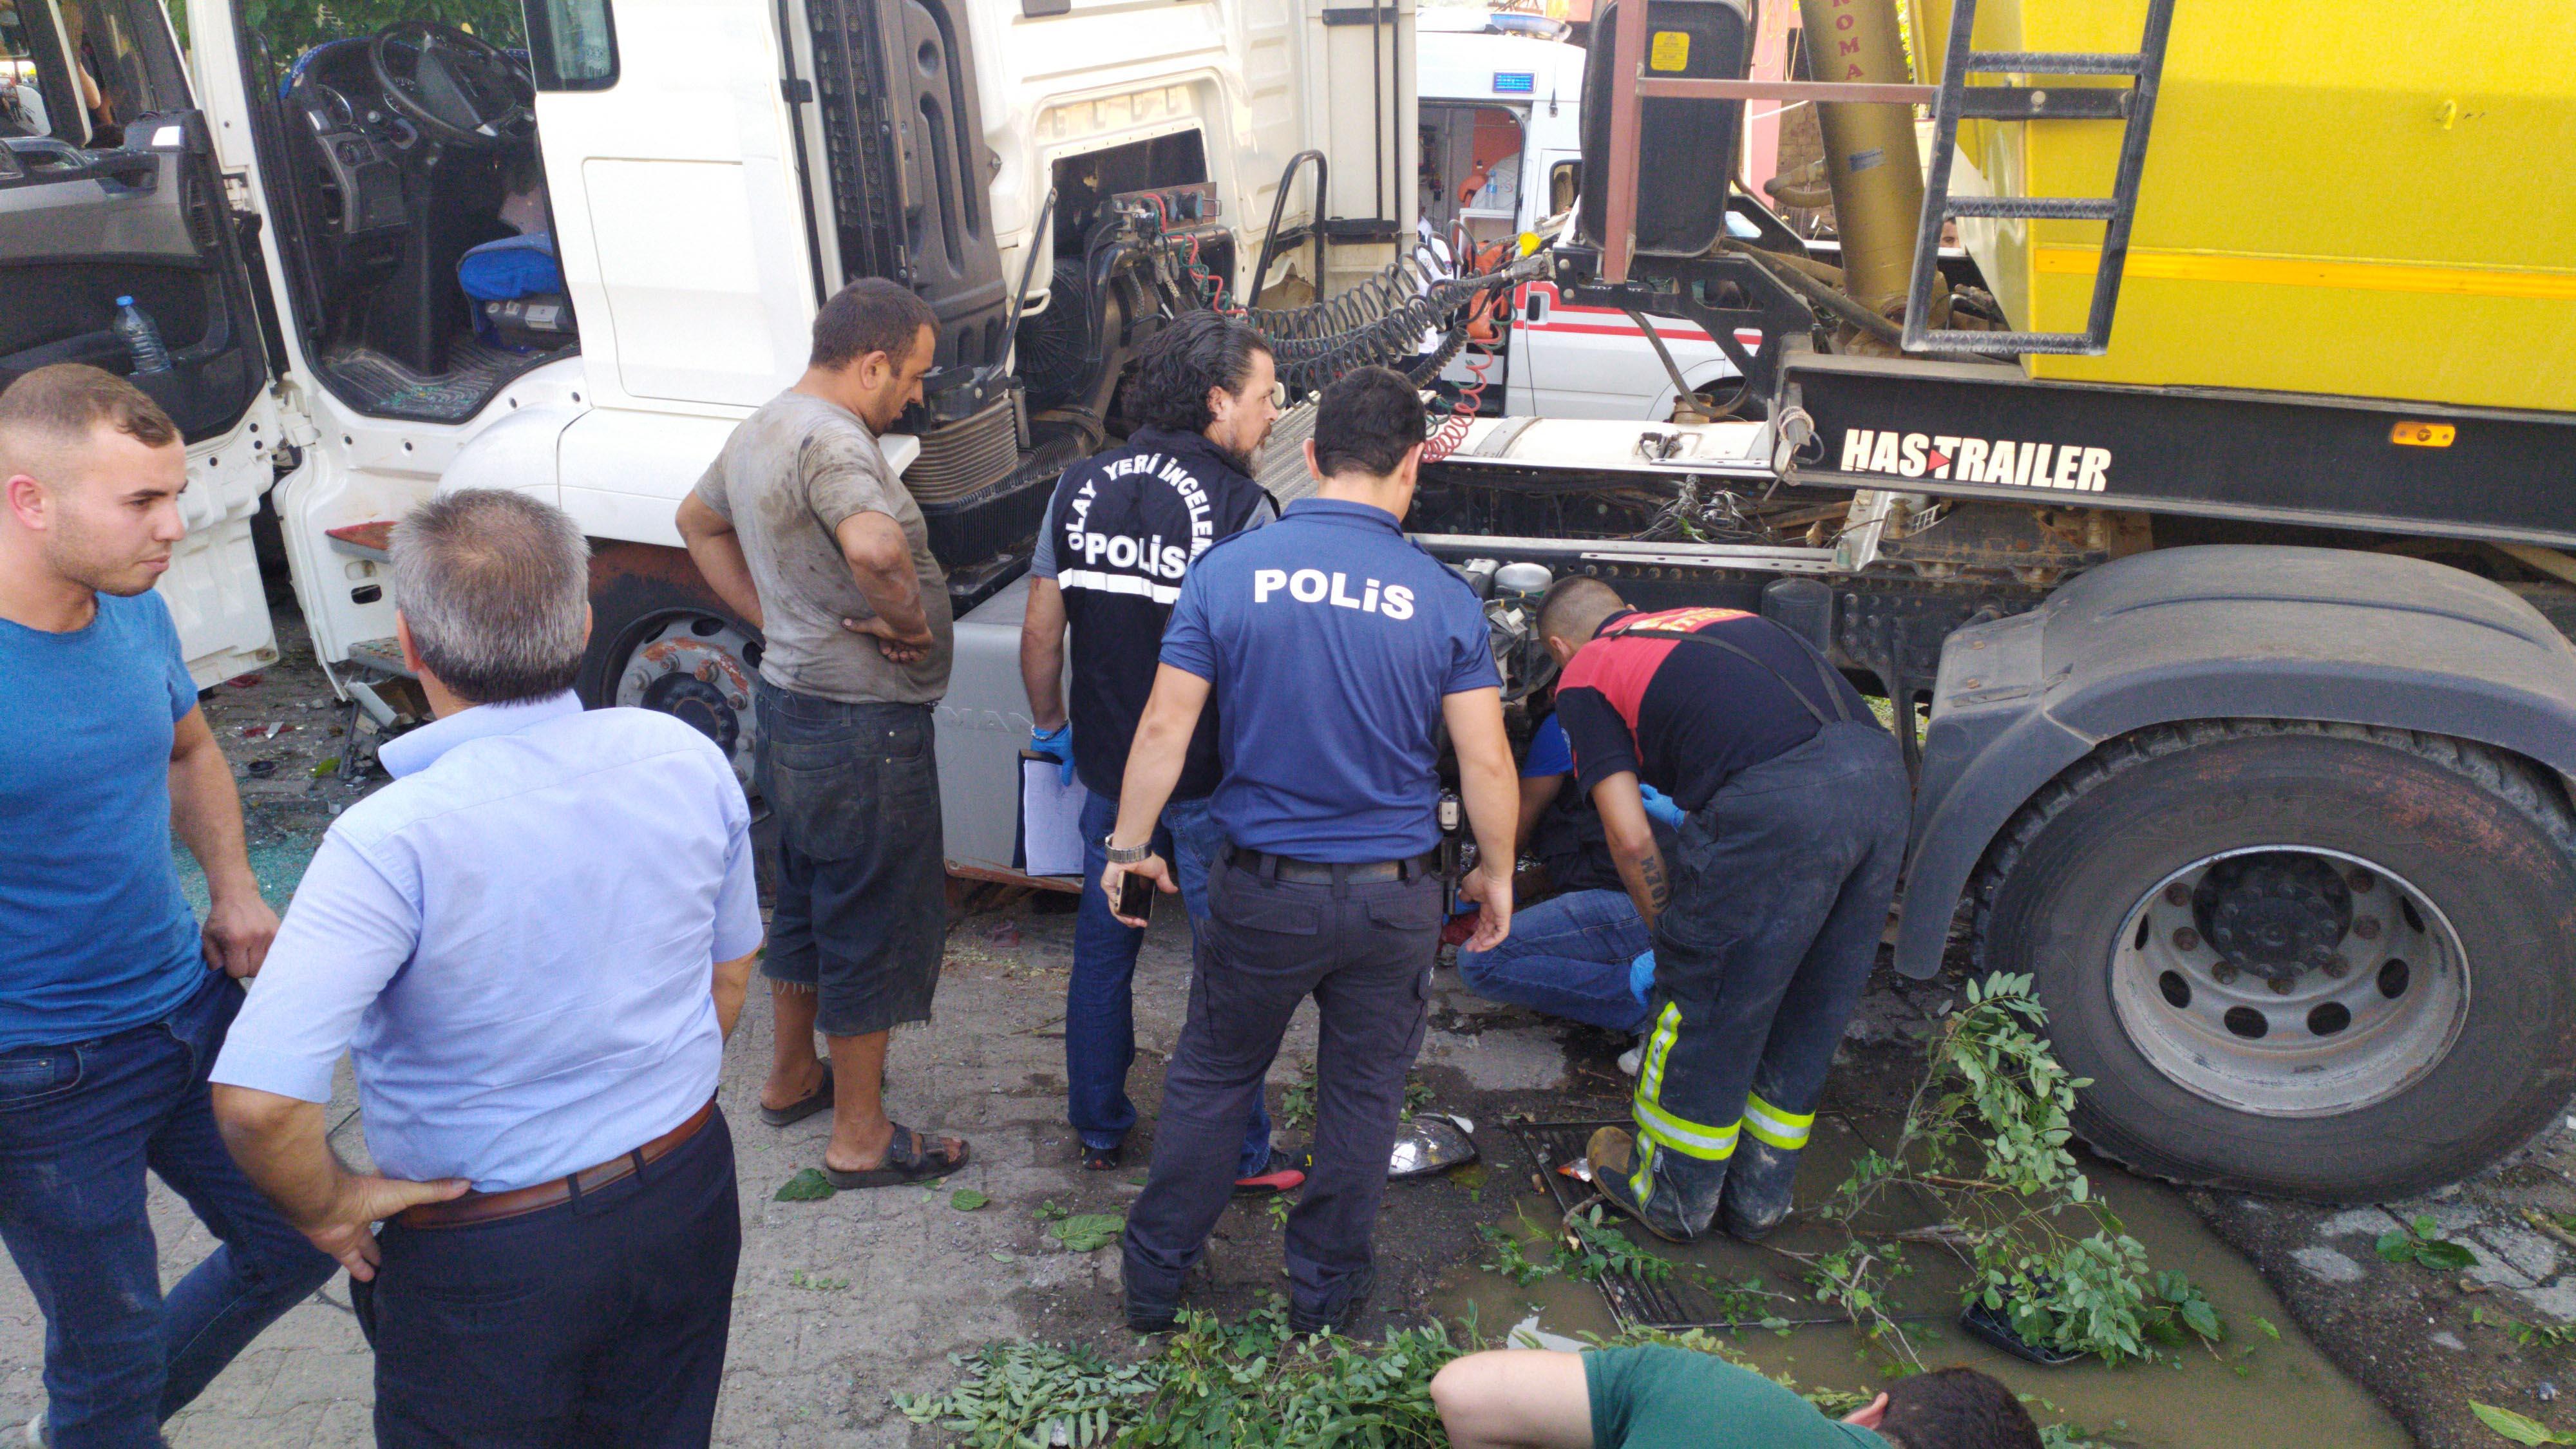 Sürücü kalp krizi geçirdi, hafriyat kamyonu durağa daldı: 2 ölü